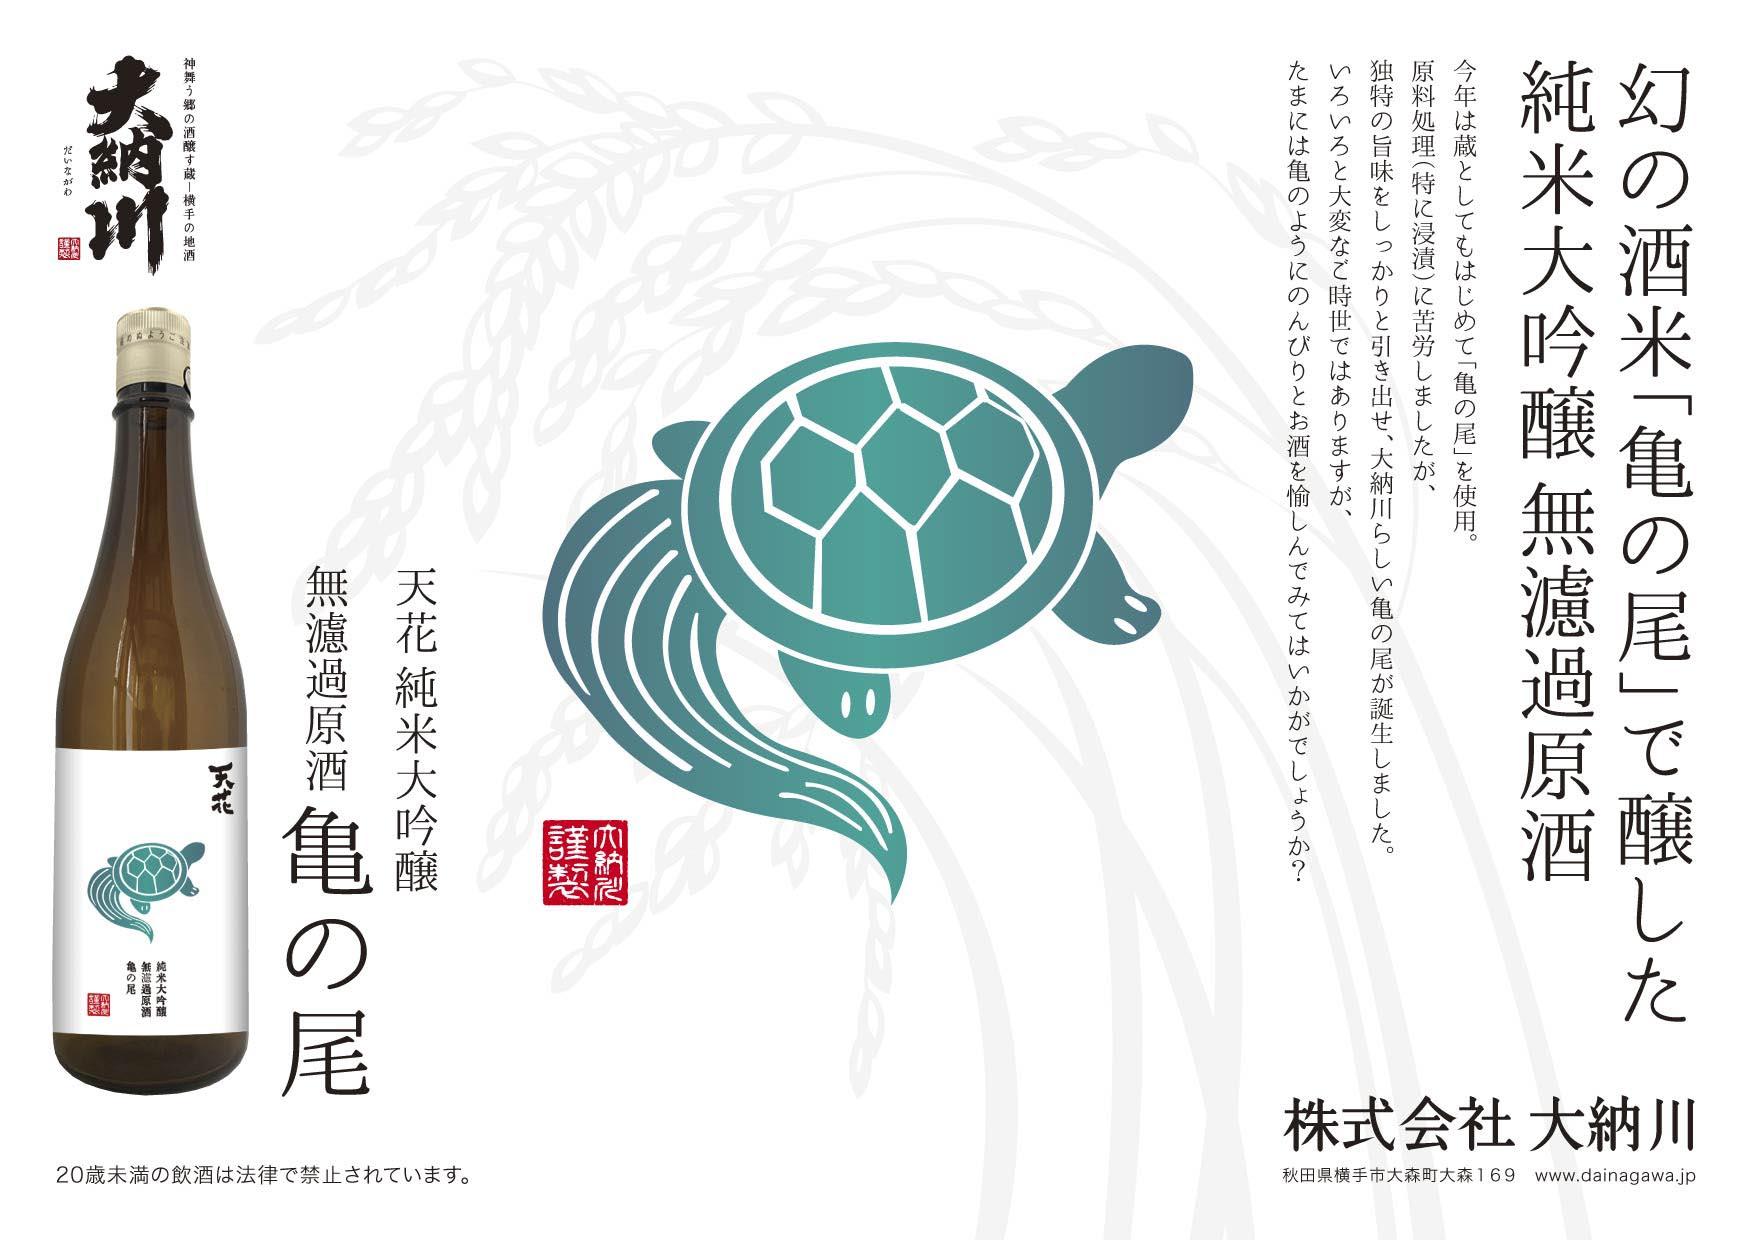 天花シリーズ第6弾「純米大吟醸 亀の仕込み」2月22日(月)発売